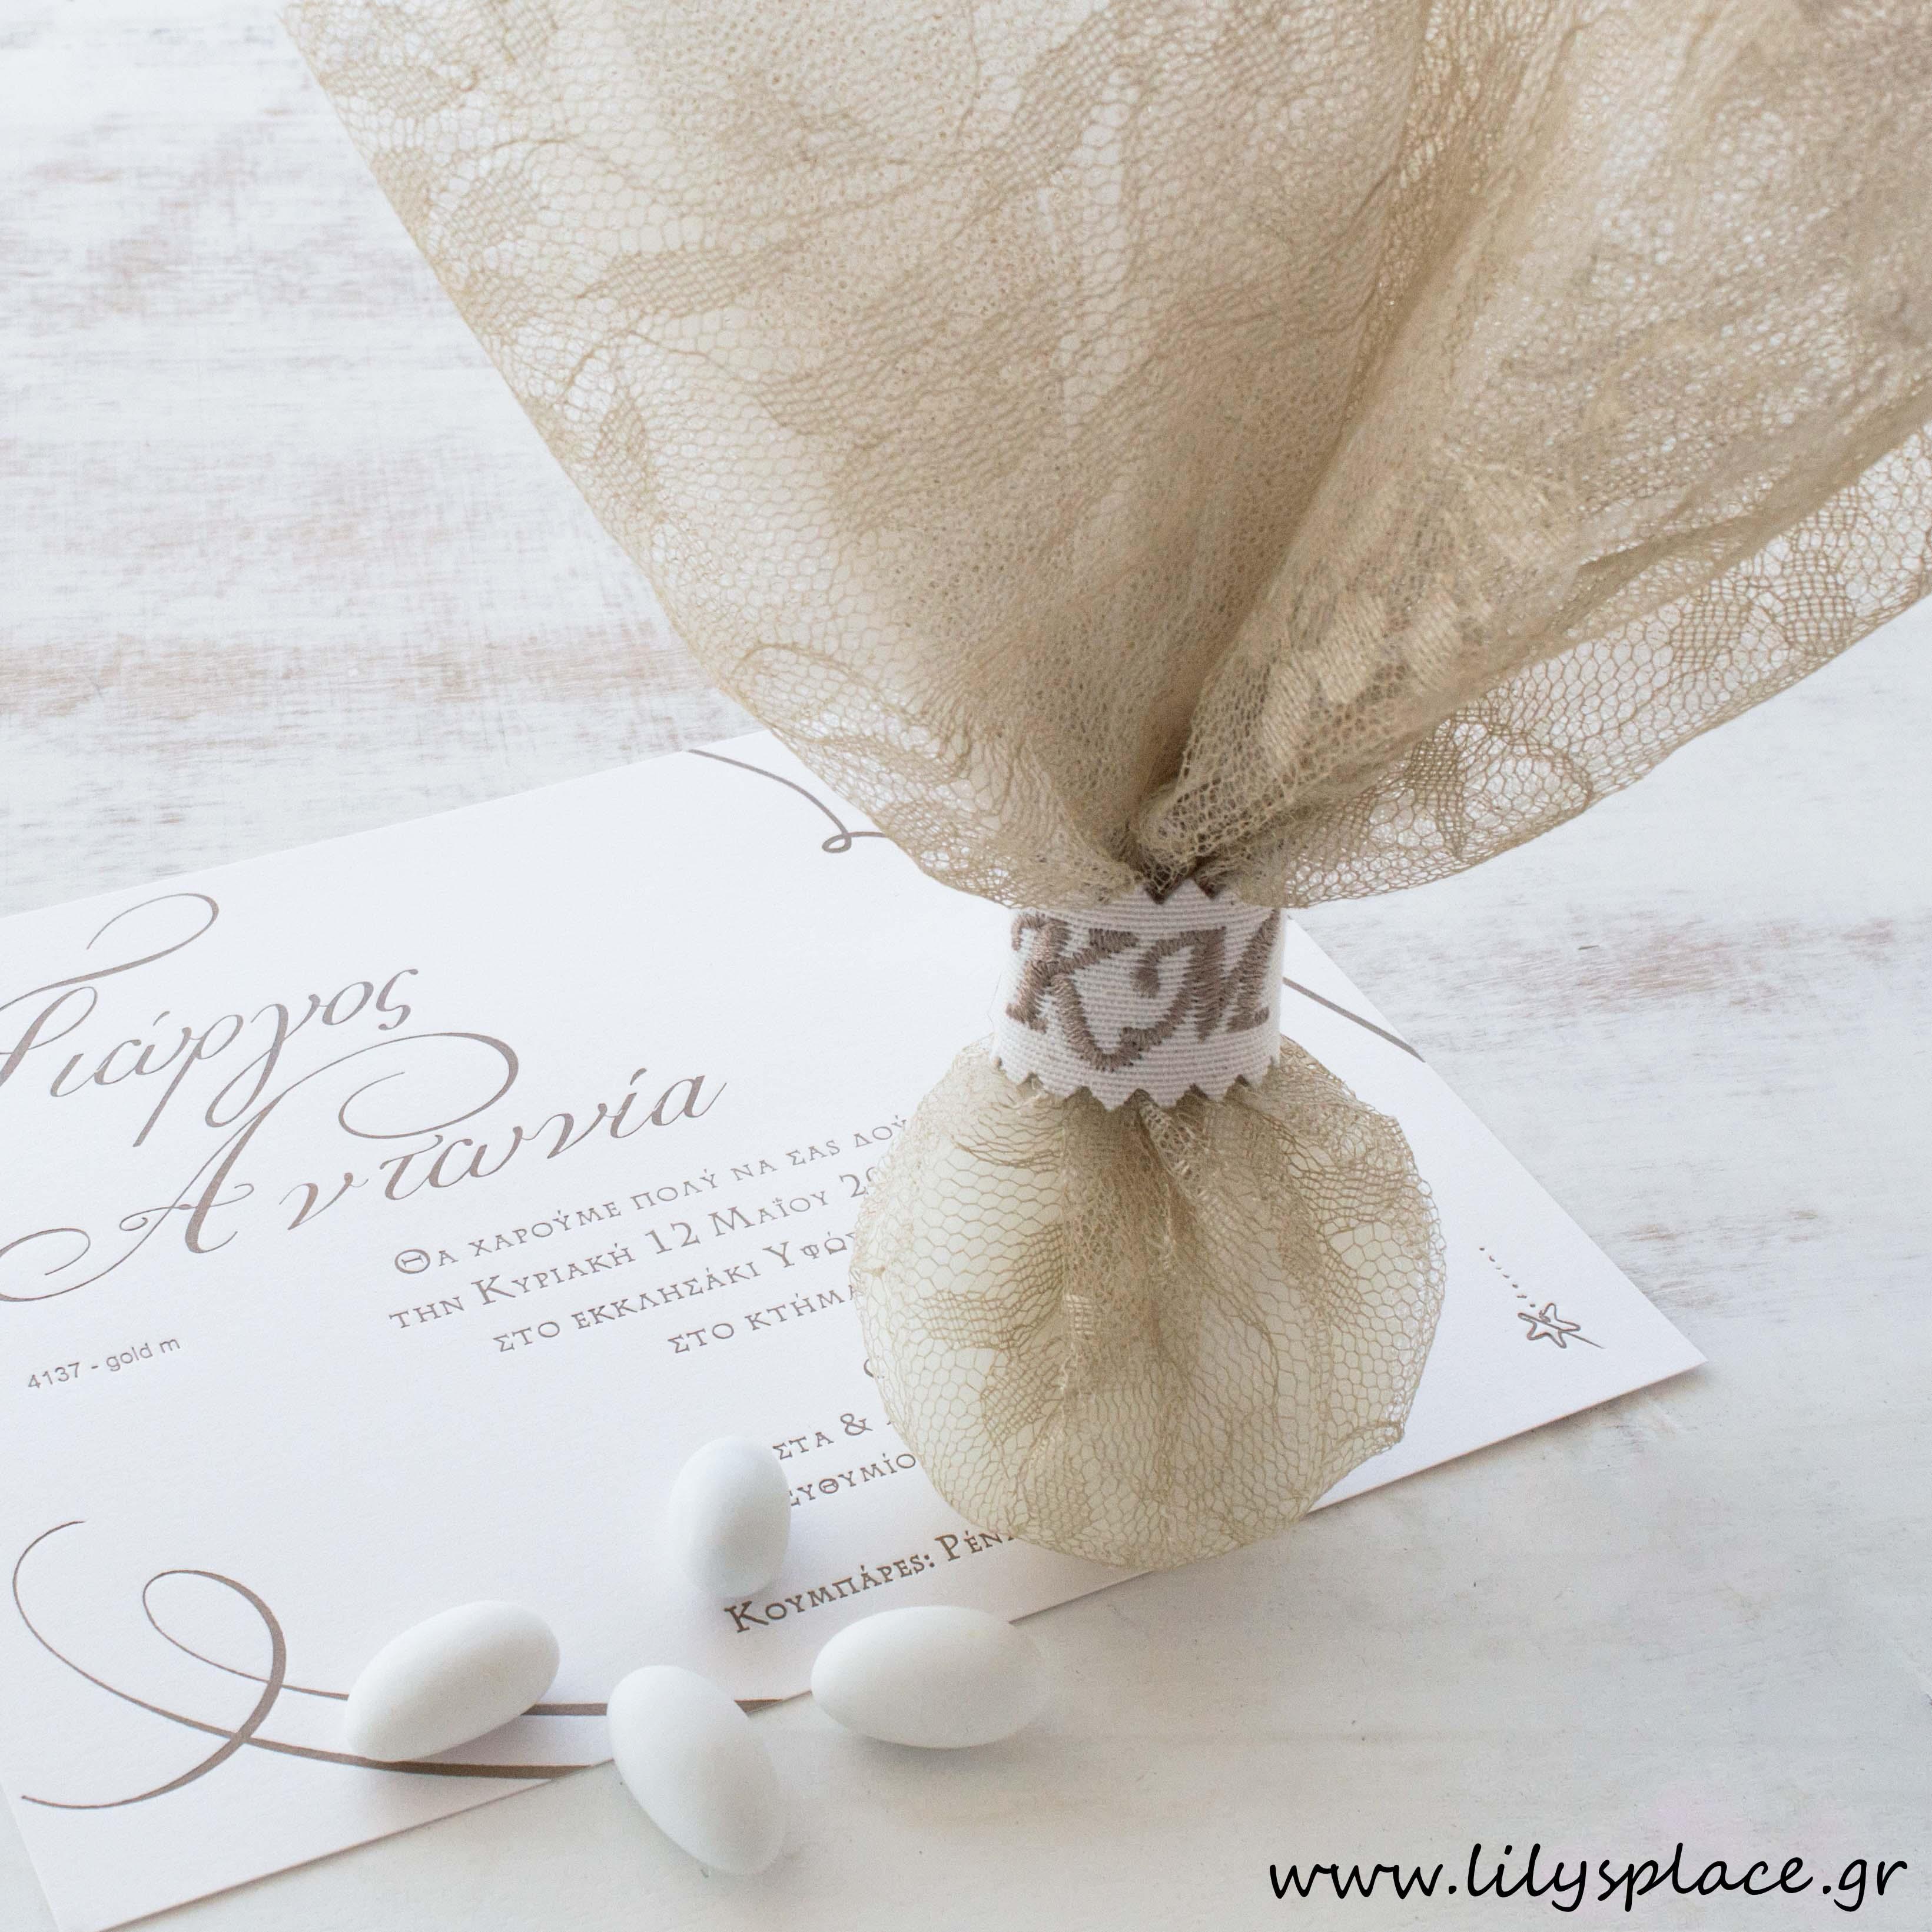 Μπομπονιέρα γάμου κλασική με μονογράμματα